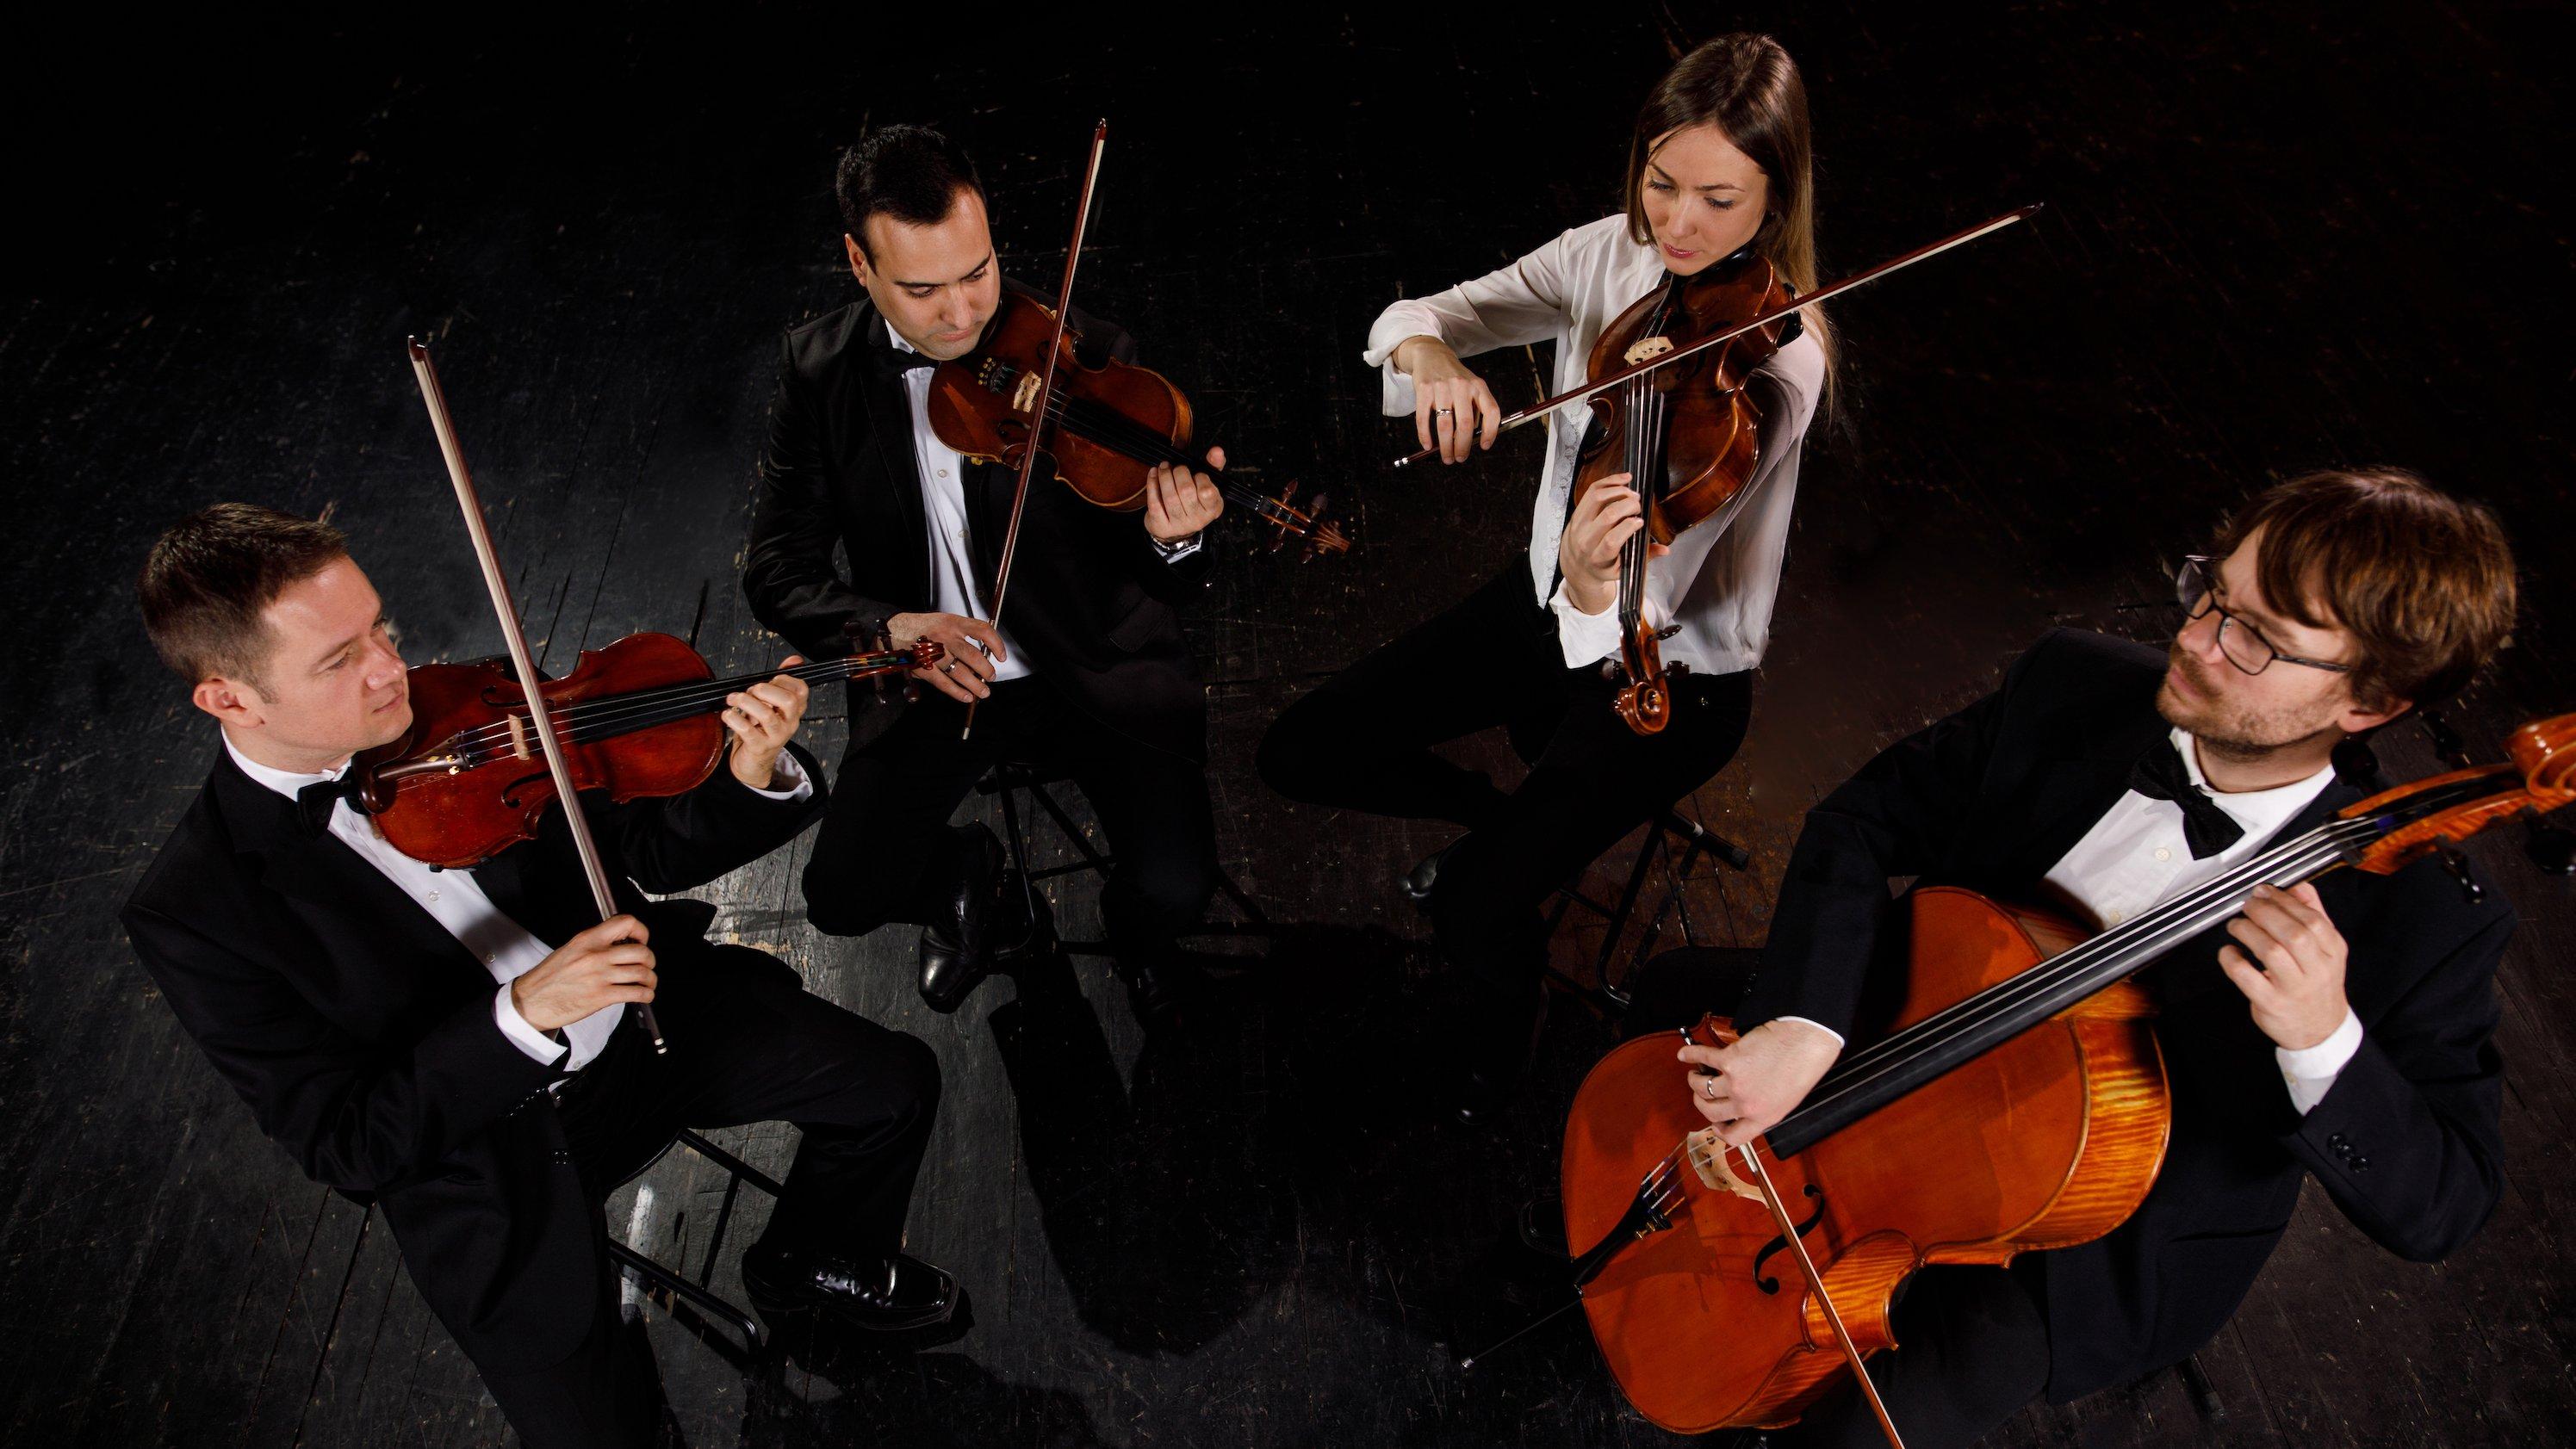 En strygerkvartet består af to violiner, en bratsch og en cello. Foruden dem er kontrabas også med i strygerfamilien.